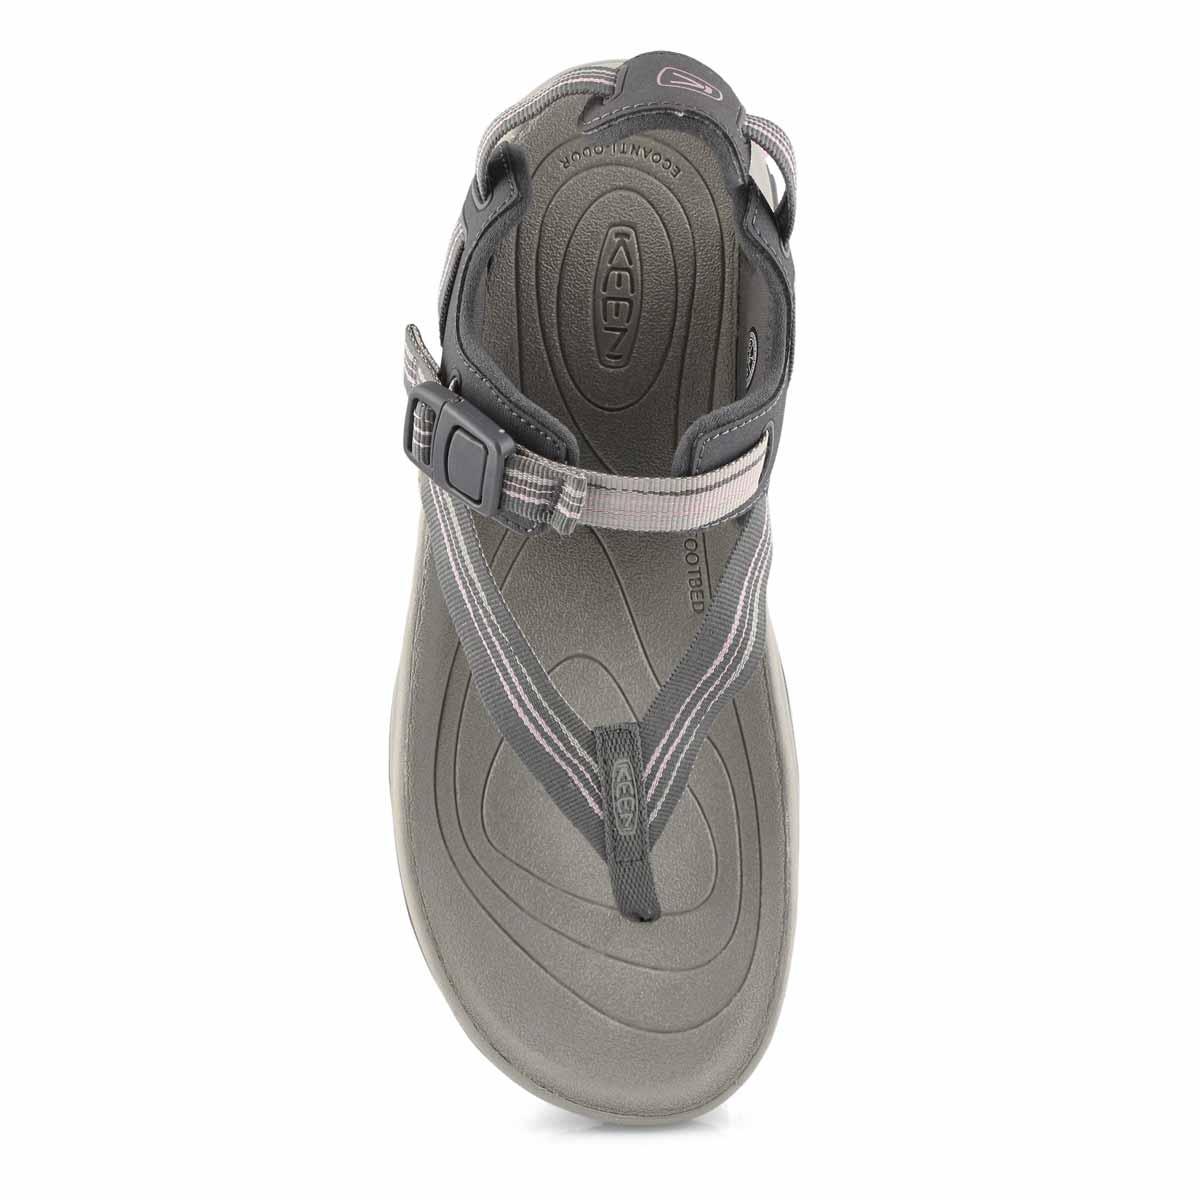 Women's Terradora II Toe Post Sandal - Grey/Pink